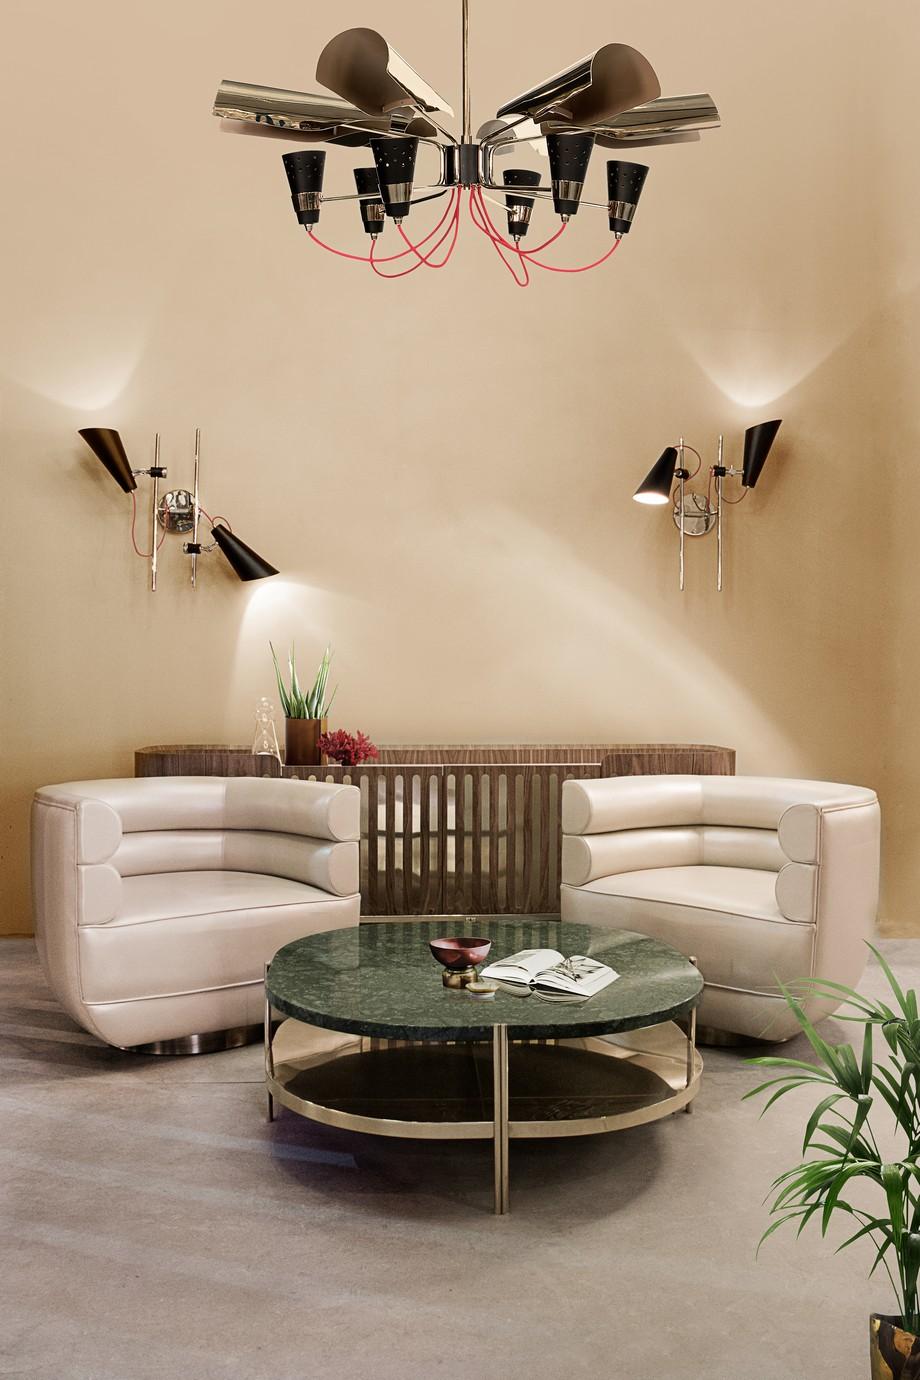 Mesas de centro lujuosas: Ideas para proyectos fantasticos mesas de centro lujuosas Mesas de centro lujuosas: Ideas para proyectos fantasticos Essential Home Craig Center Table 01